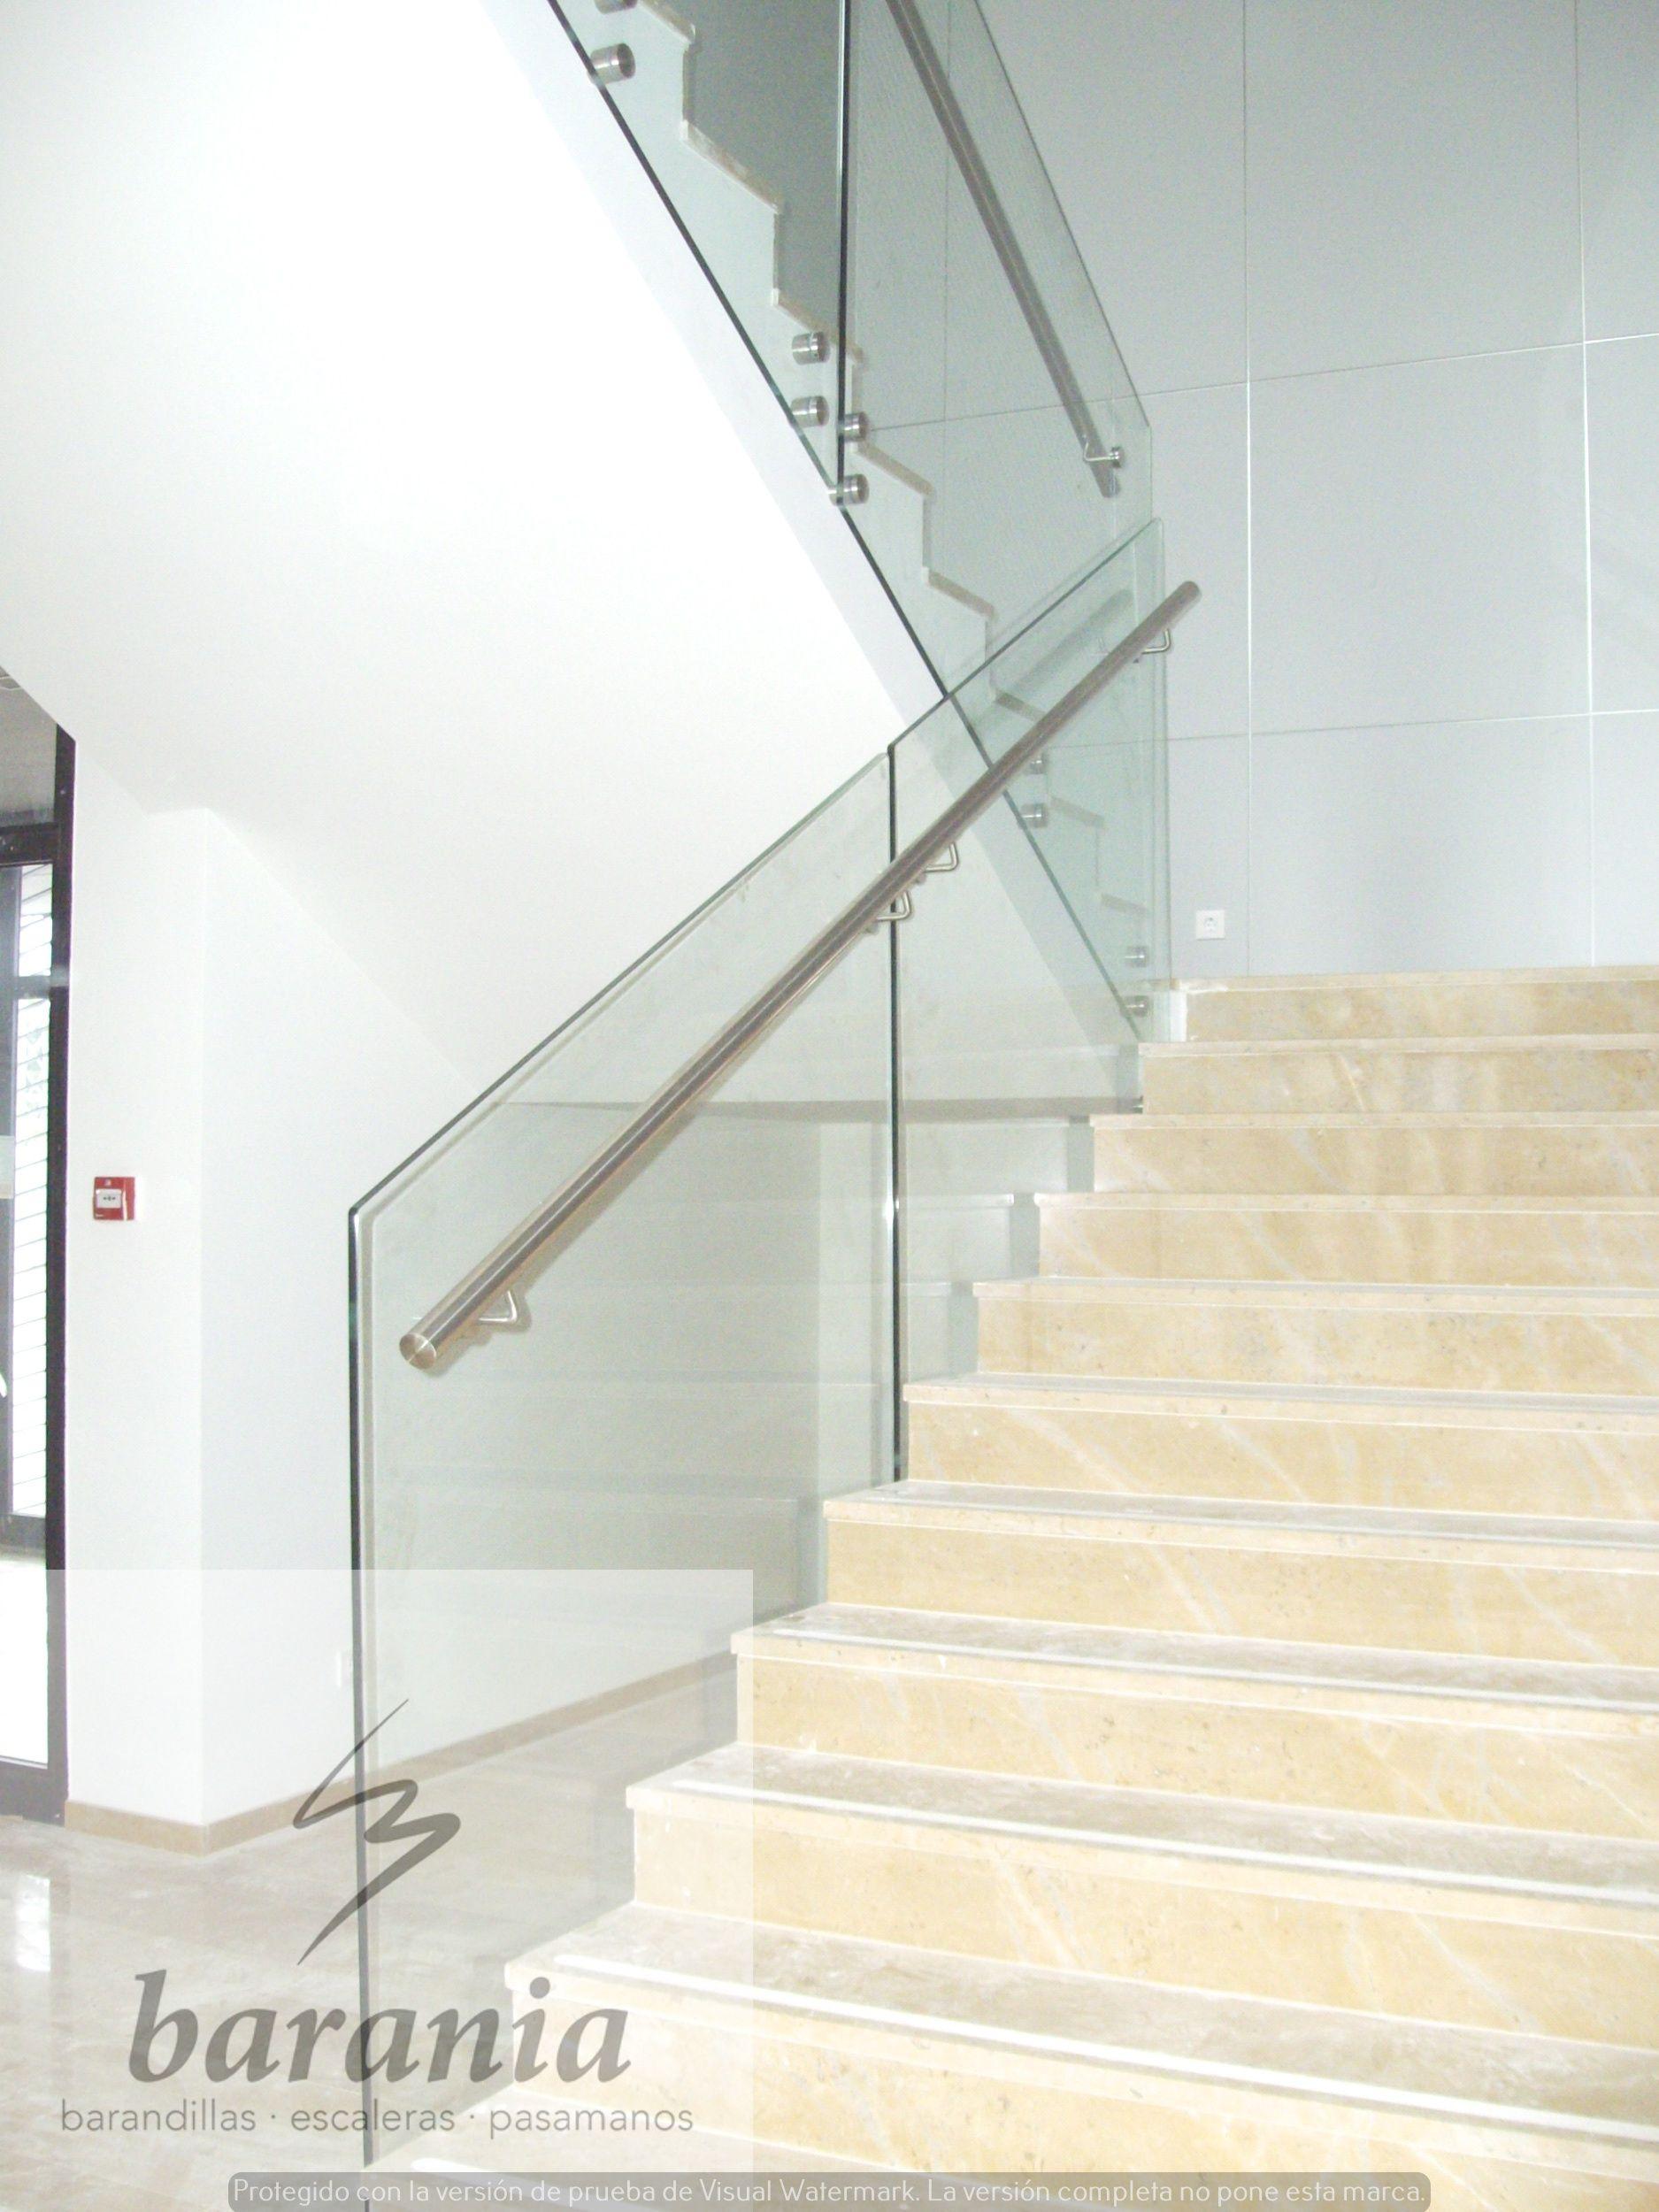 Barandilla cristal con pasamanos de acero inoxidable barandillas escaleras y pasamanos - Barandilla cristal escalera ...